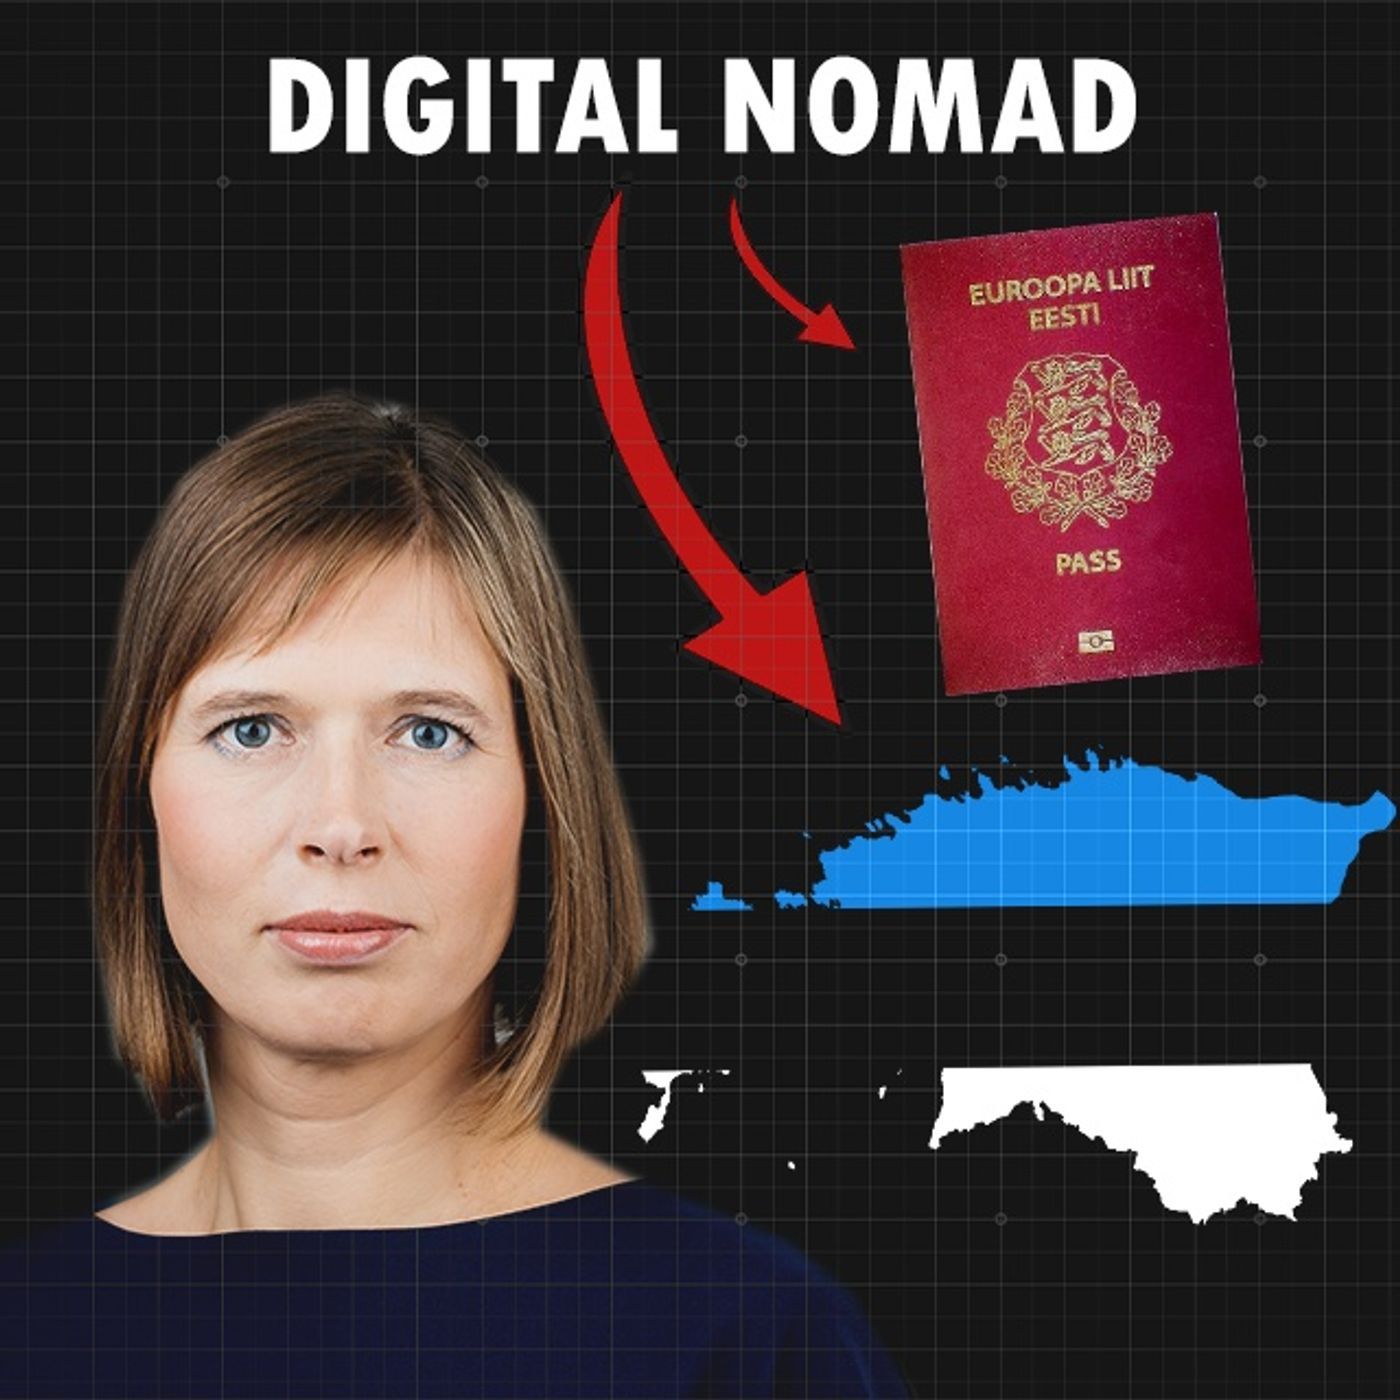 """Perché i """"nomadi digitali"""" sono un problema per l'UE ma non l'Estonia"""